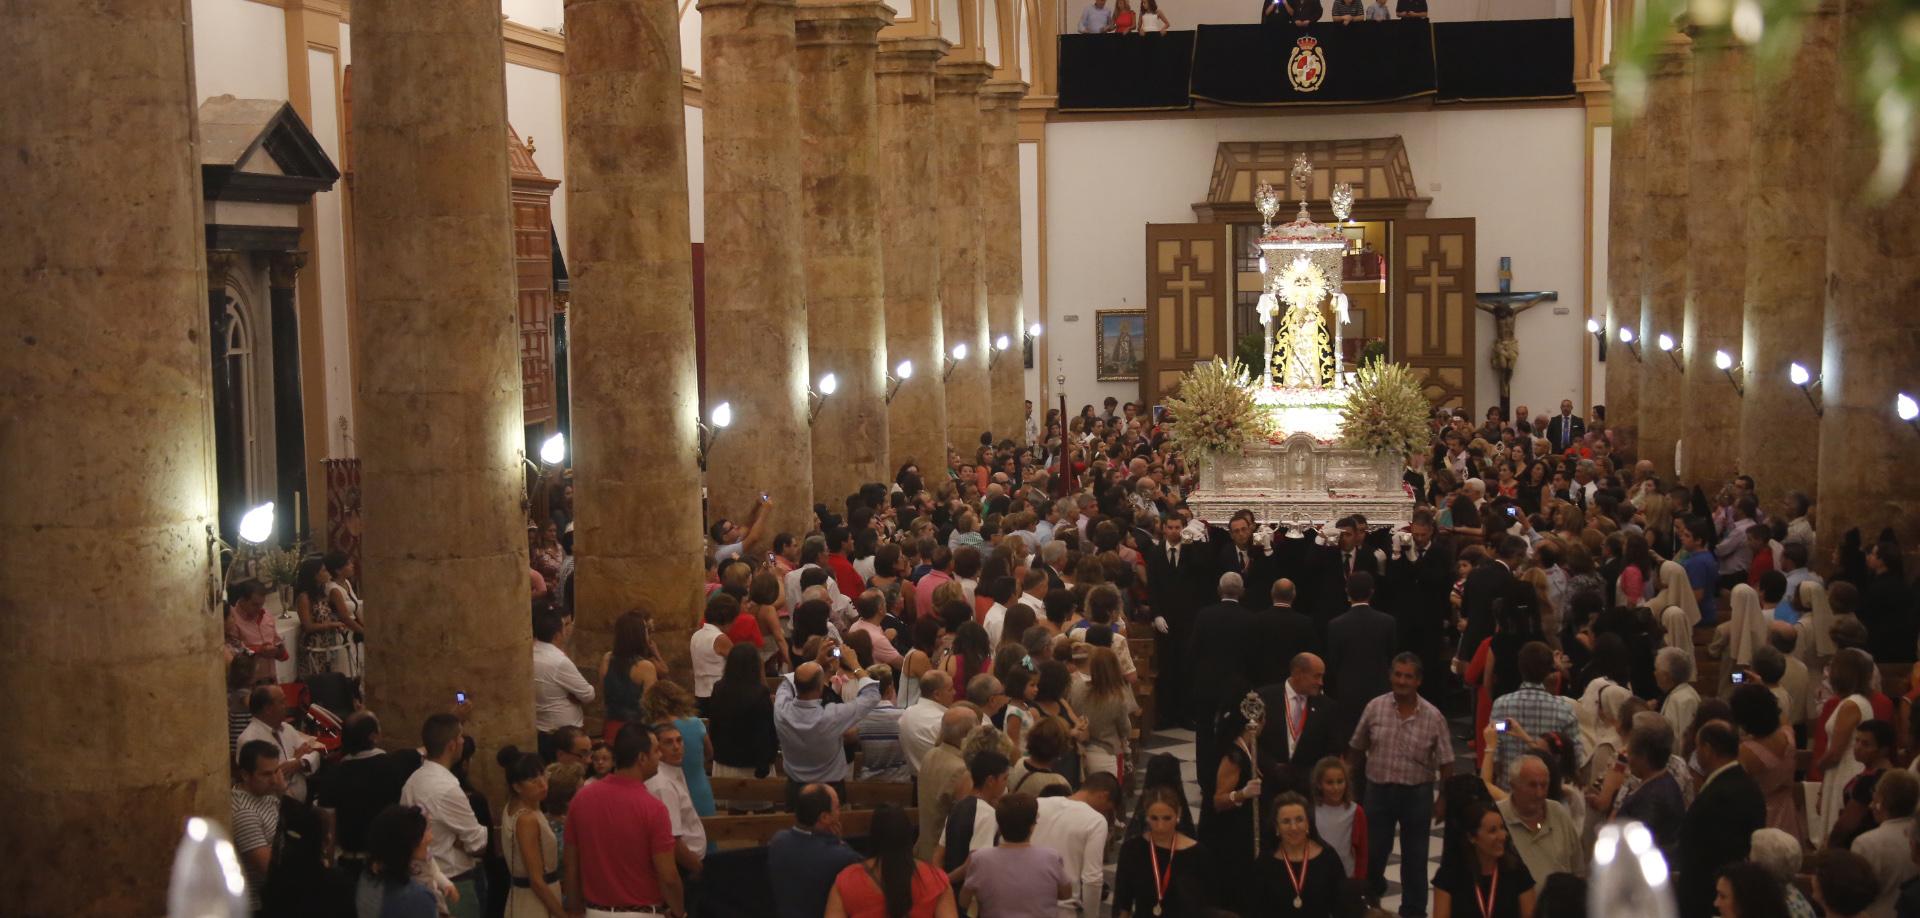 Célebre por las Bajadas de su Ermita: Virgen de Gador, Almería, España (2do dgo Cuaresma, 1er quin setiembre)